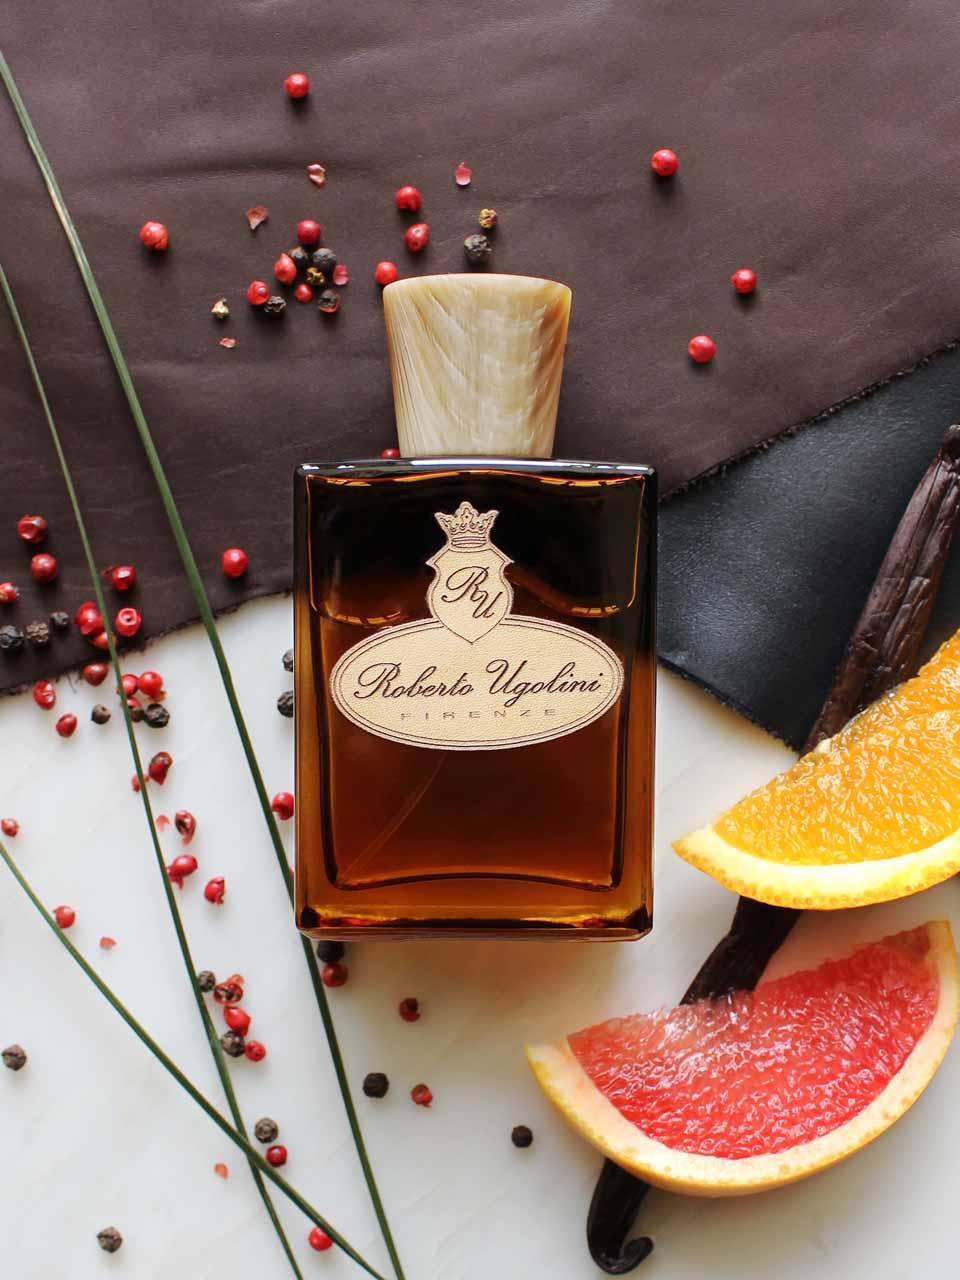 Roberto Ugolino Parfums